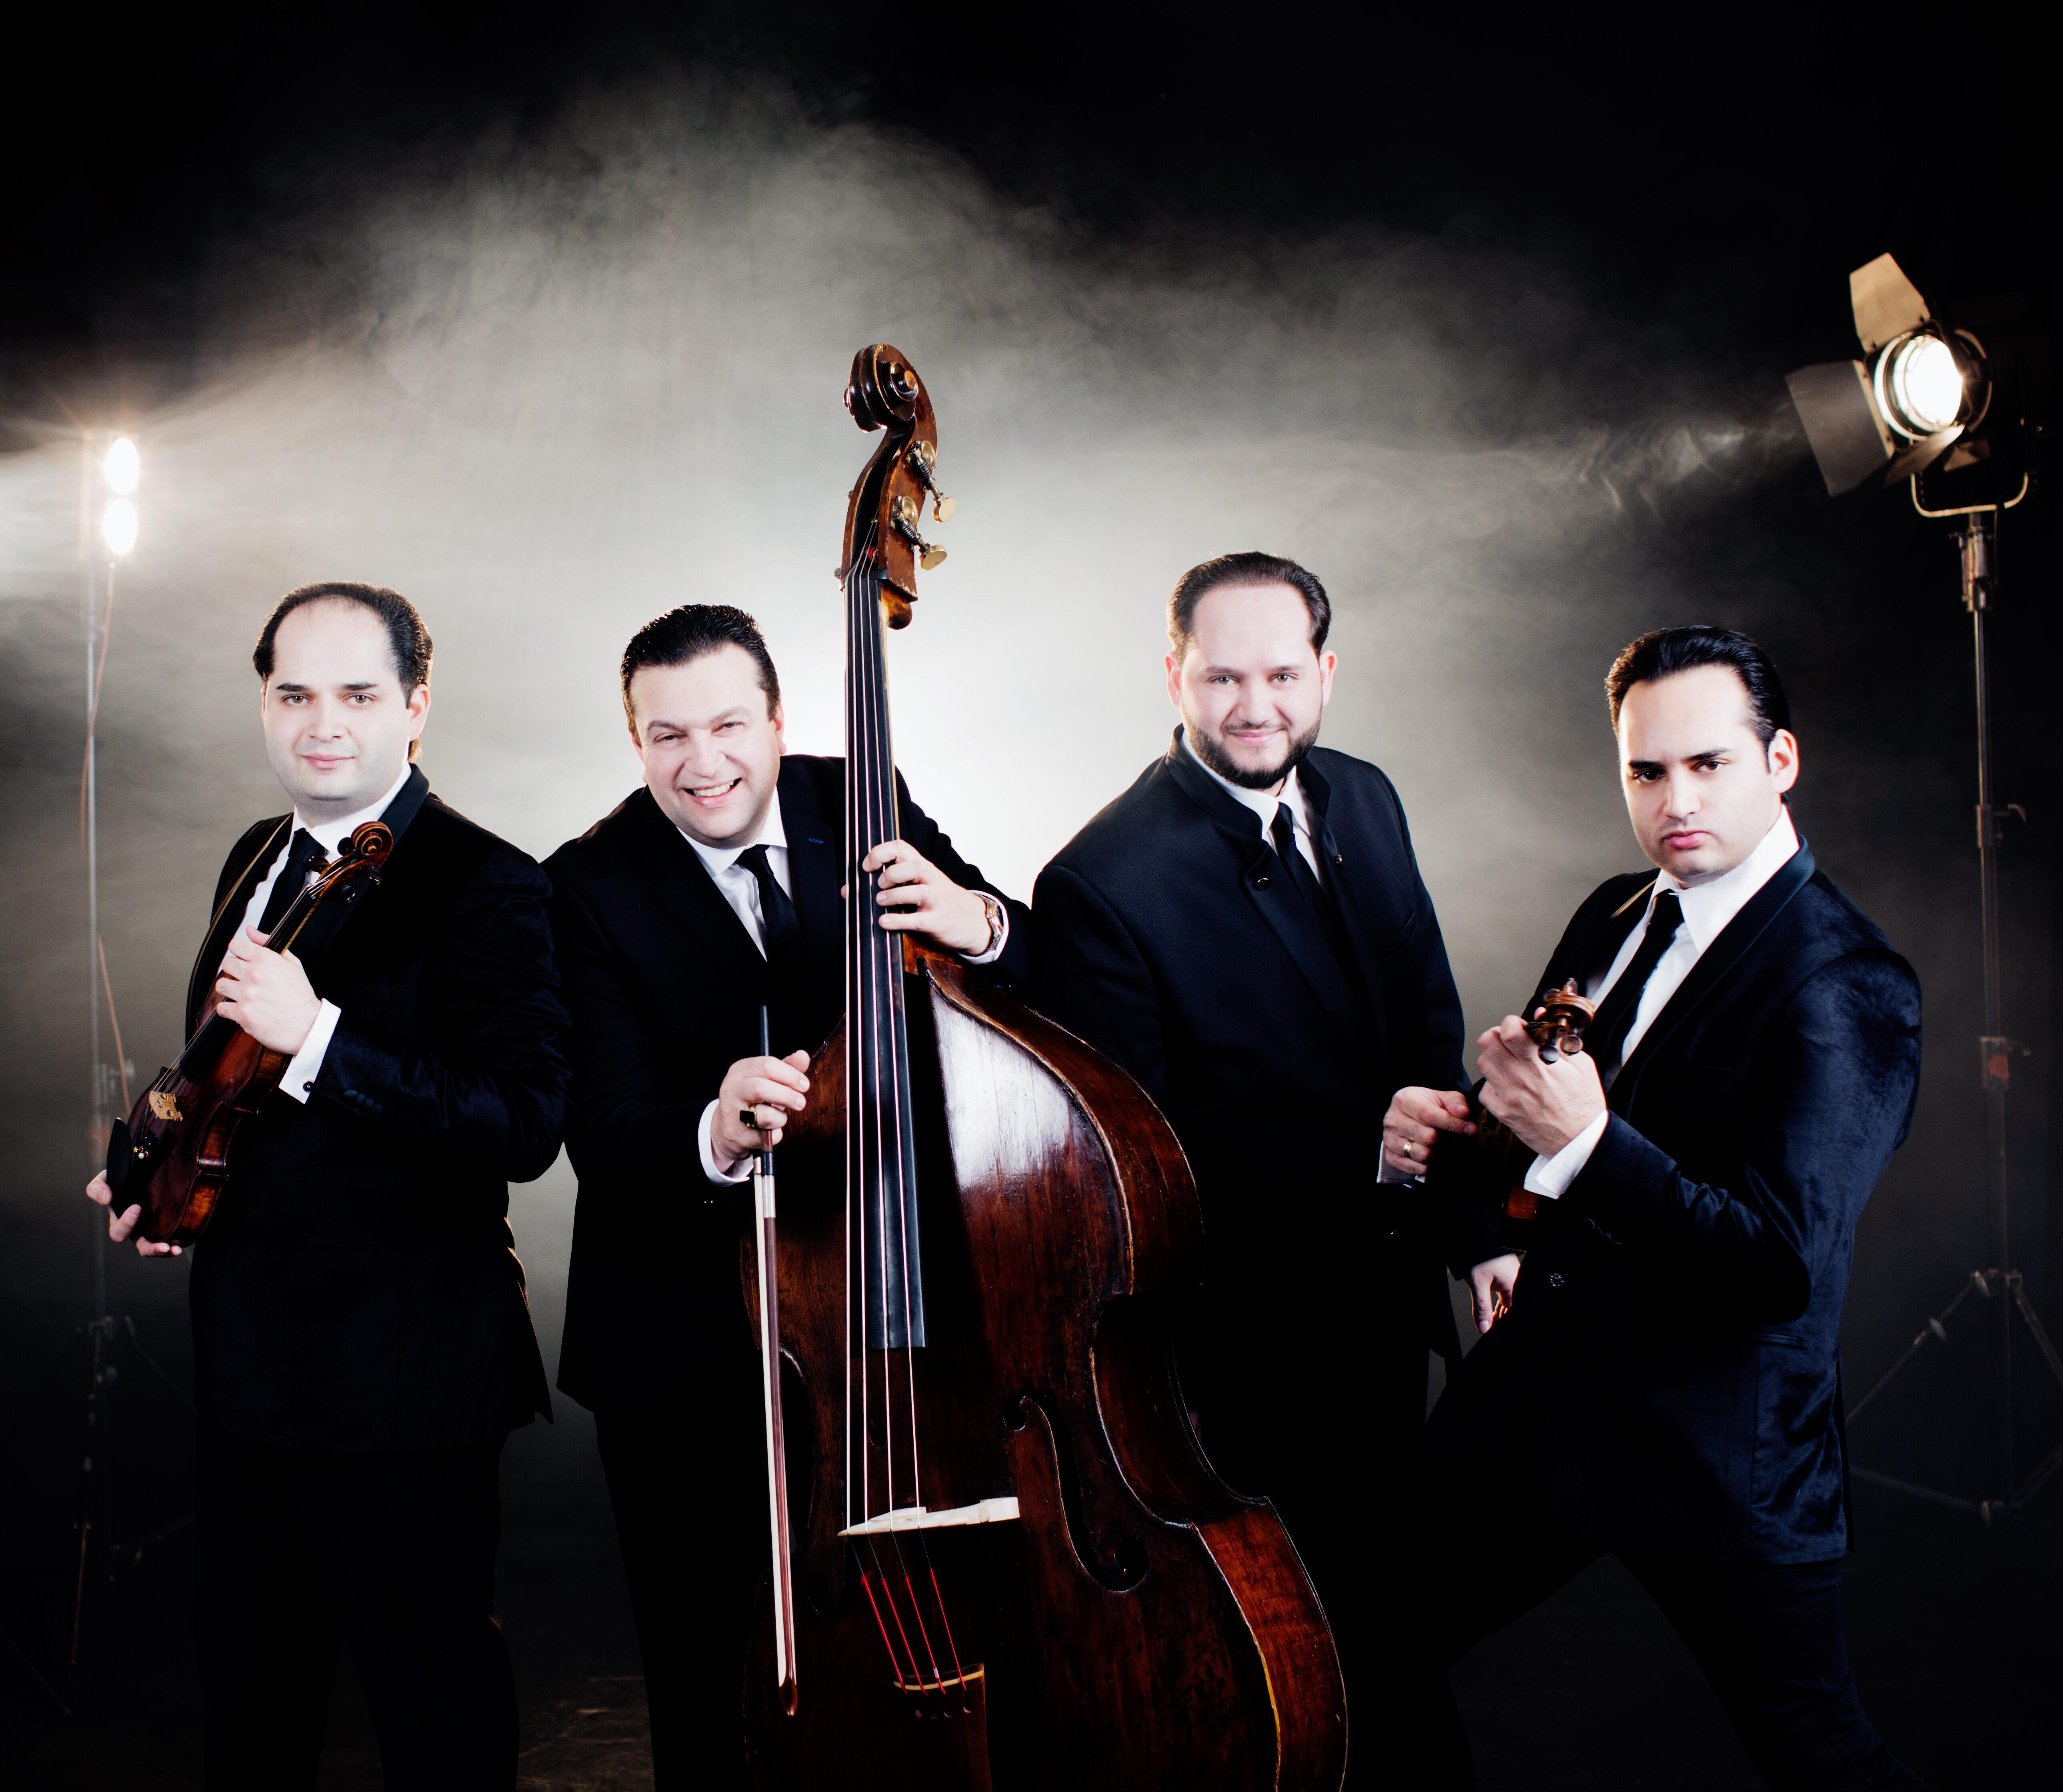 <strong>Janoska Ensemble</strong>